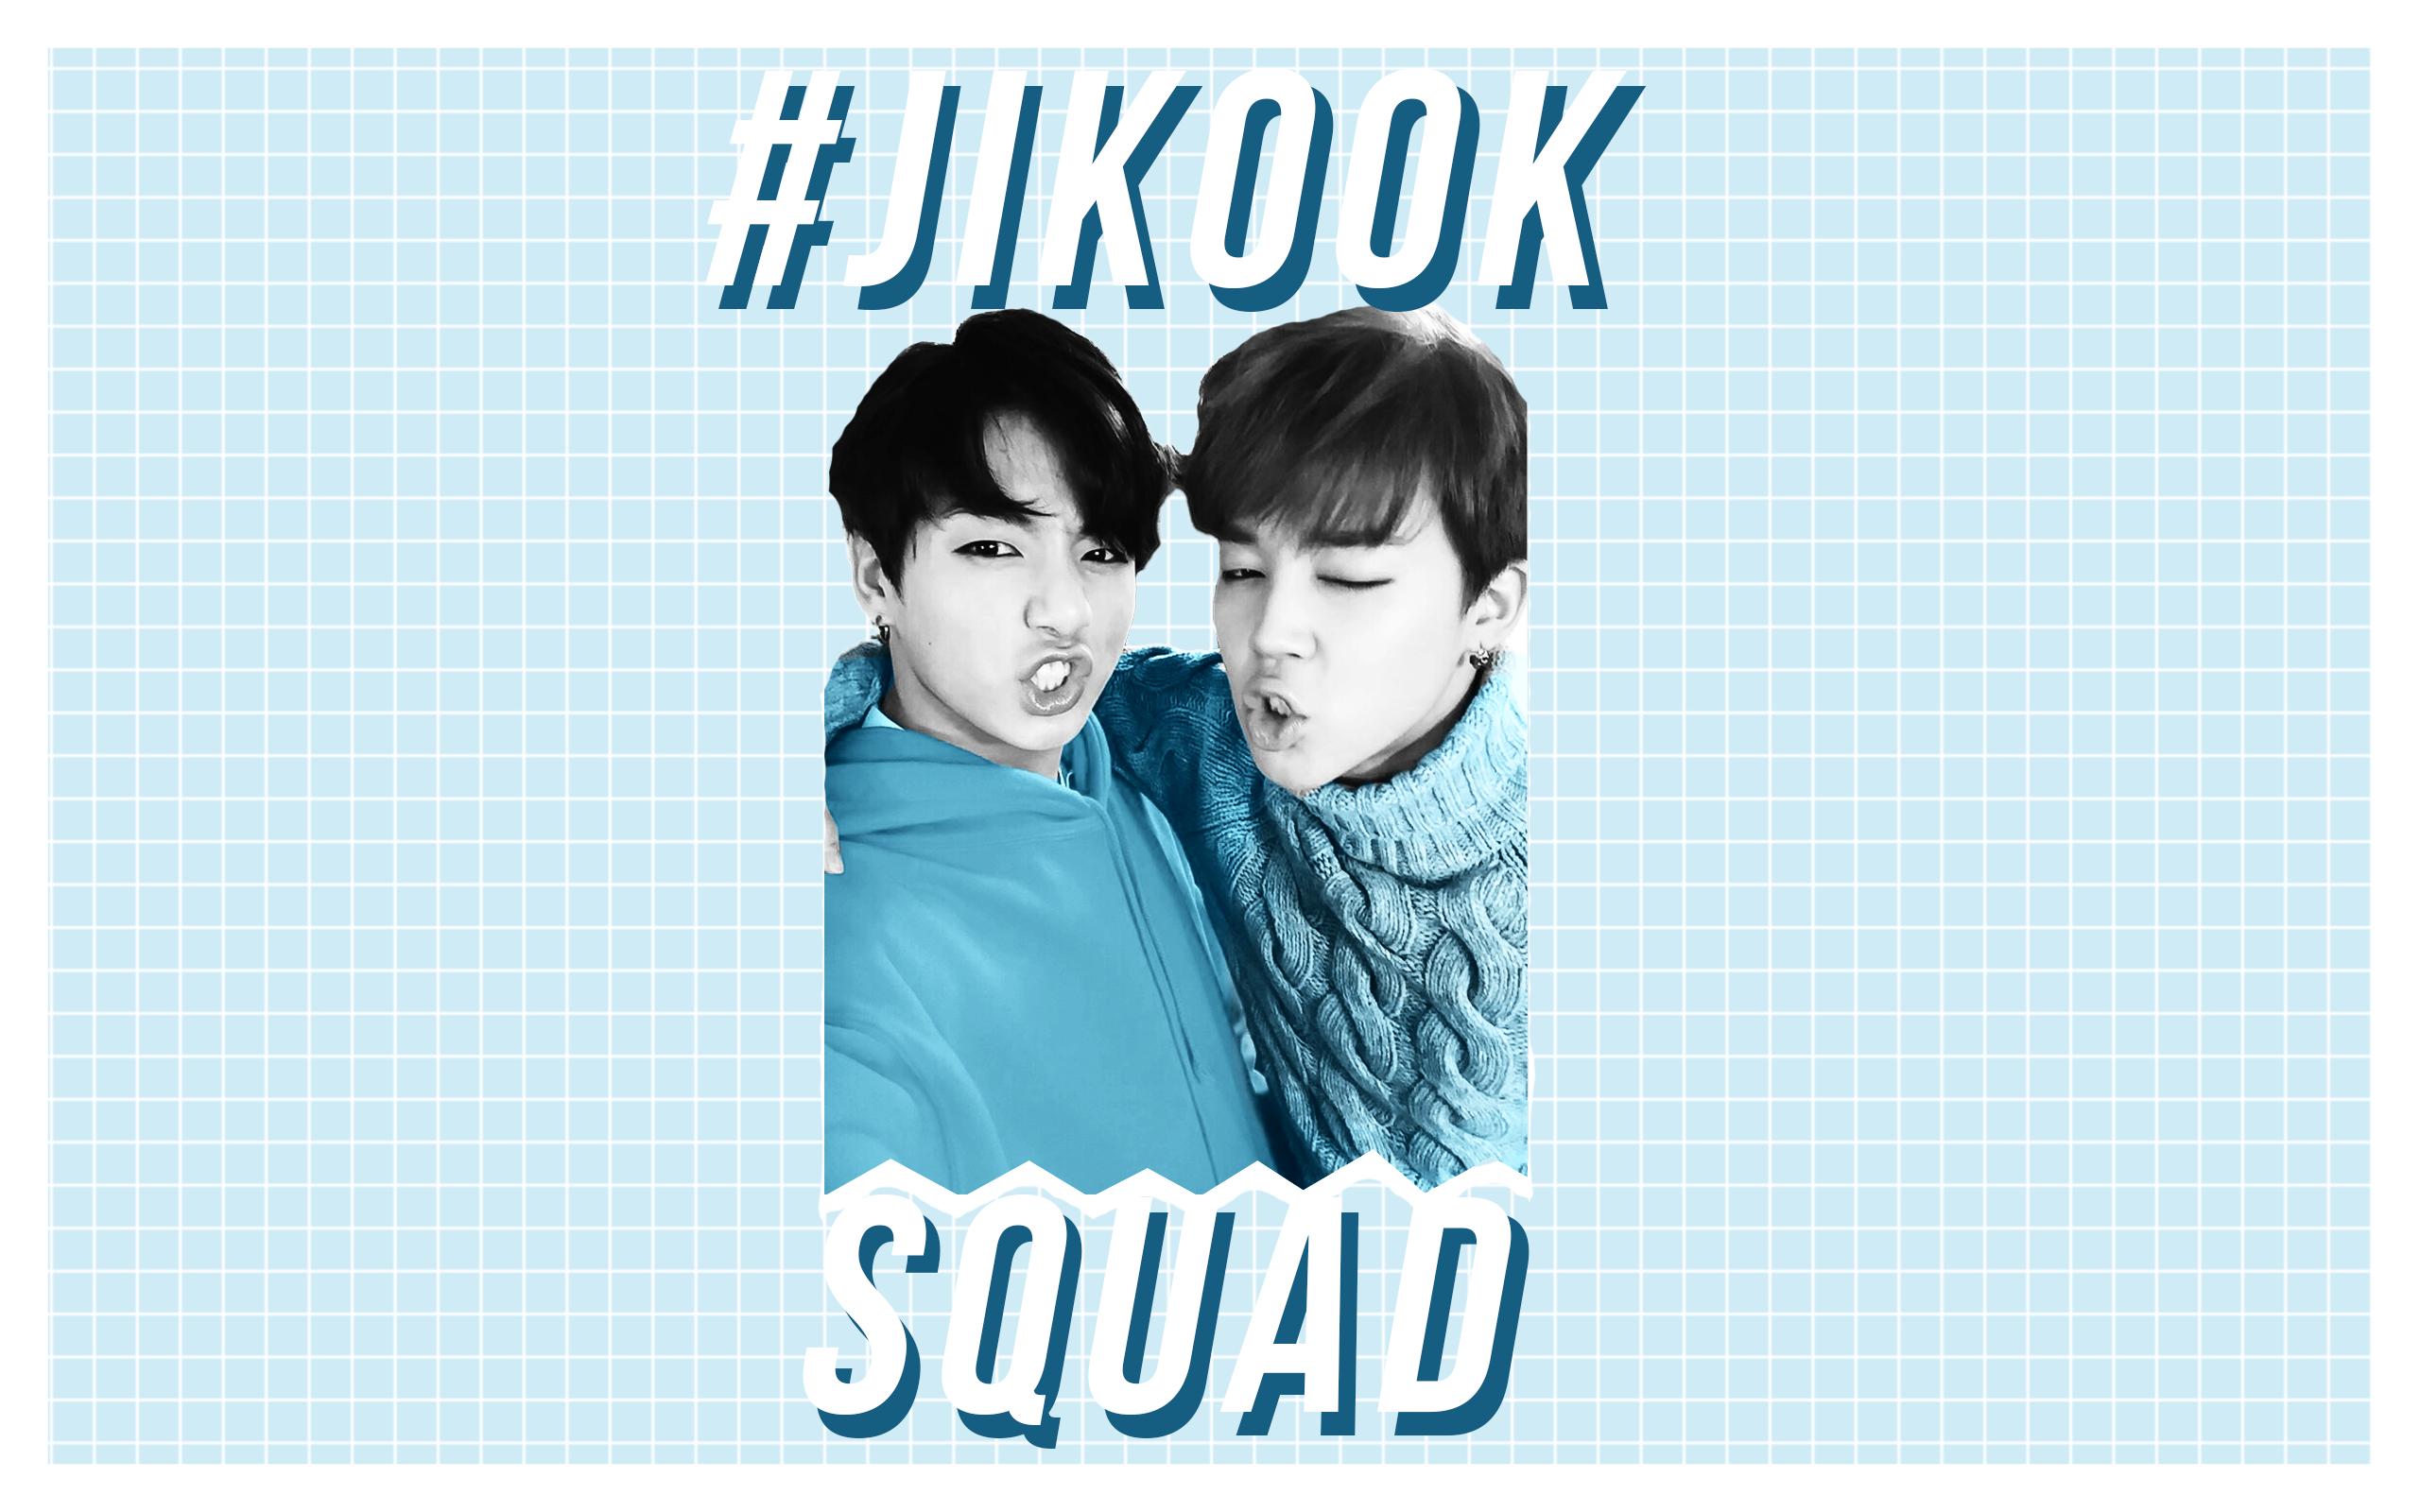 tjikook squad macbook13